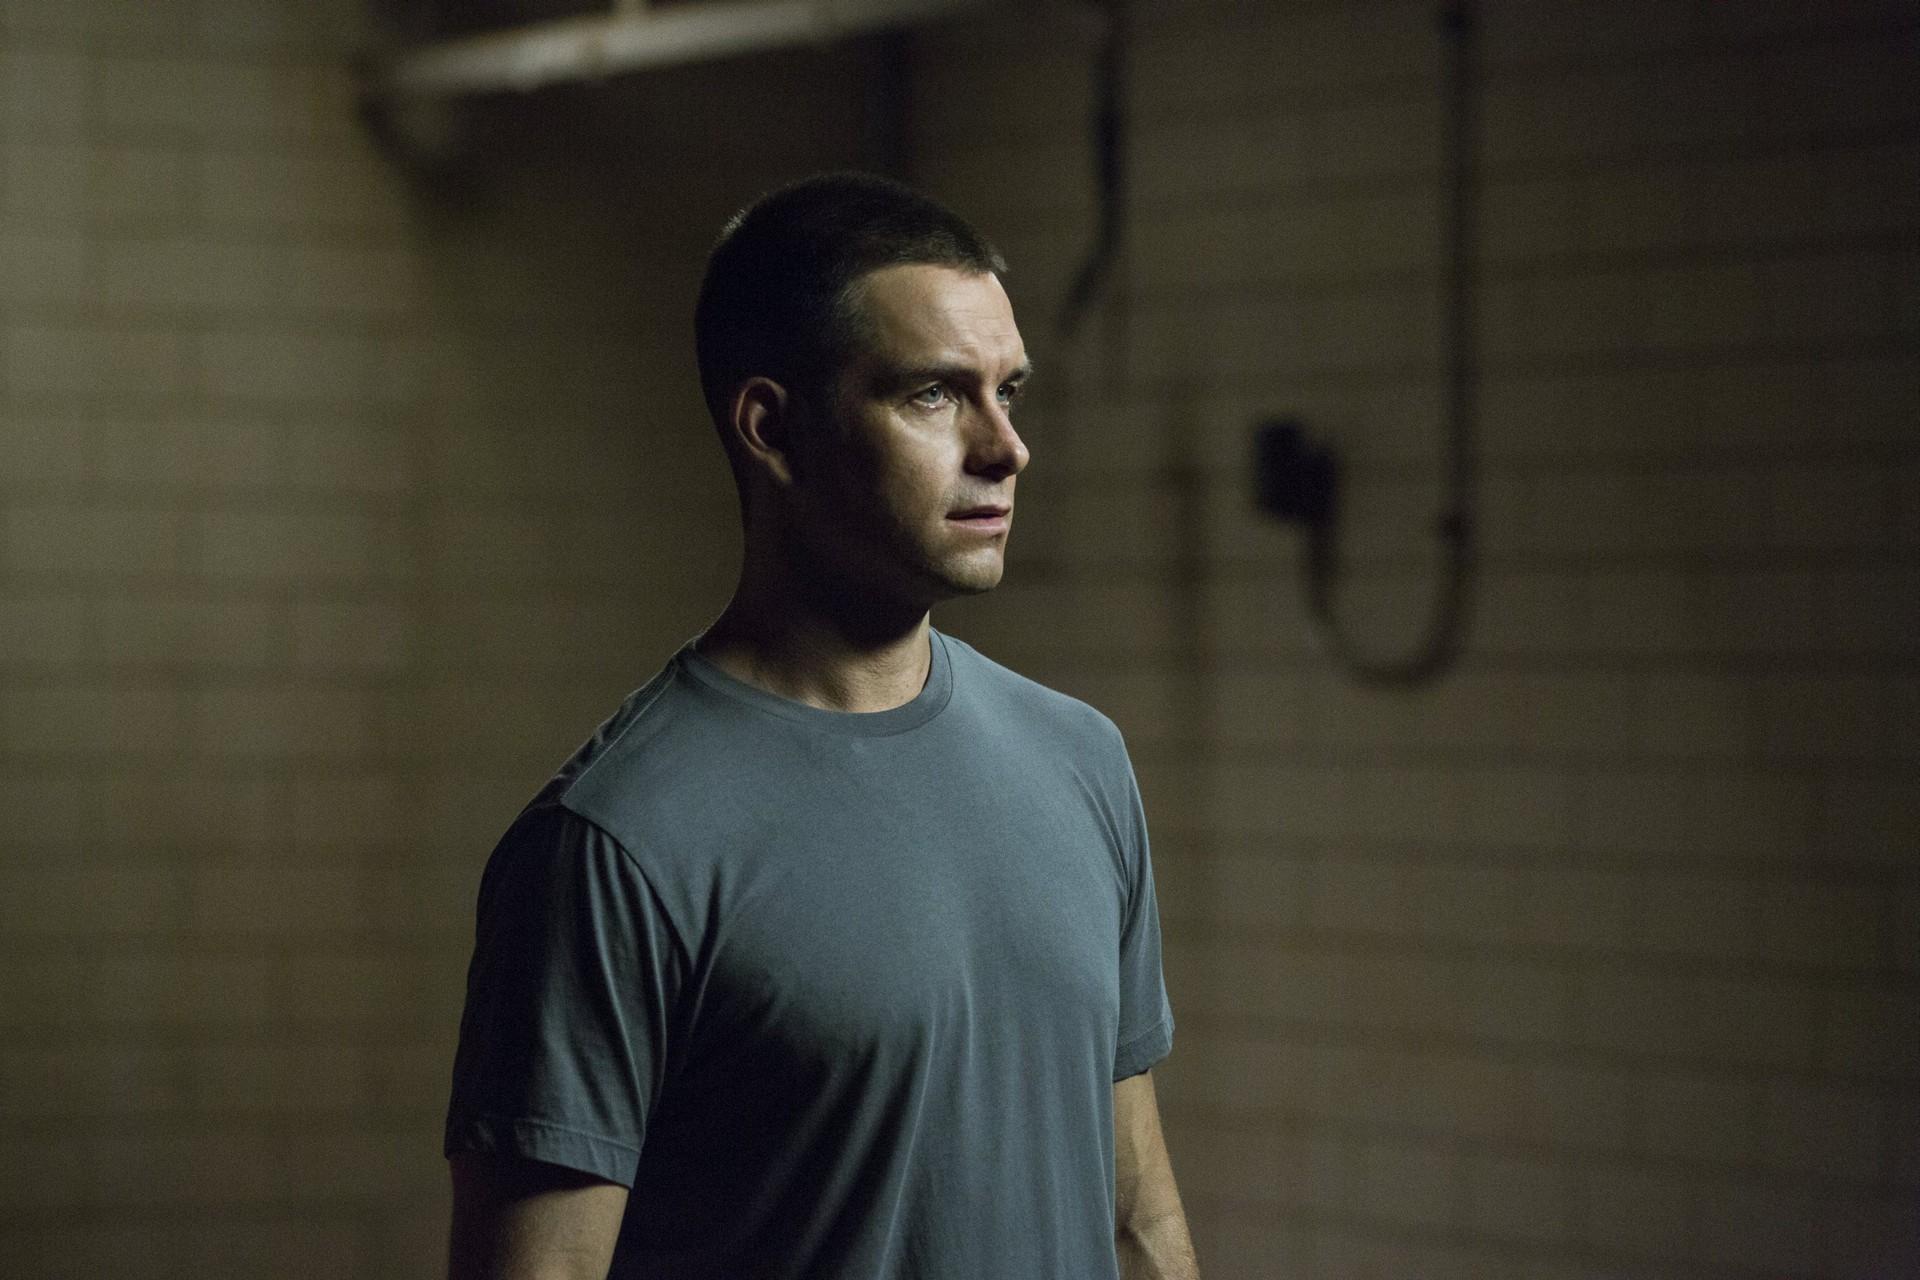 Antony Starr as Lucas mui xe in 'Banshee'